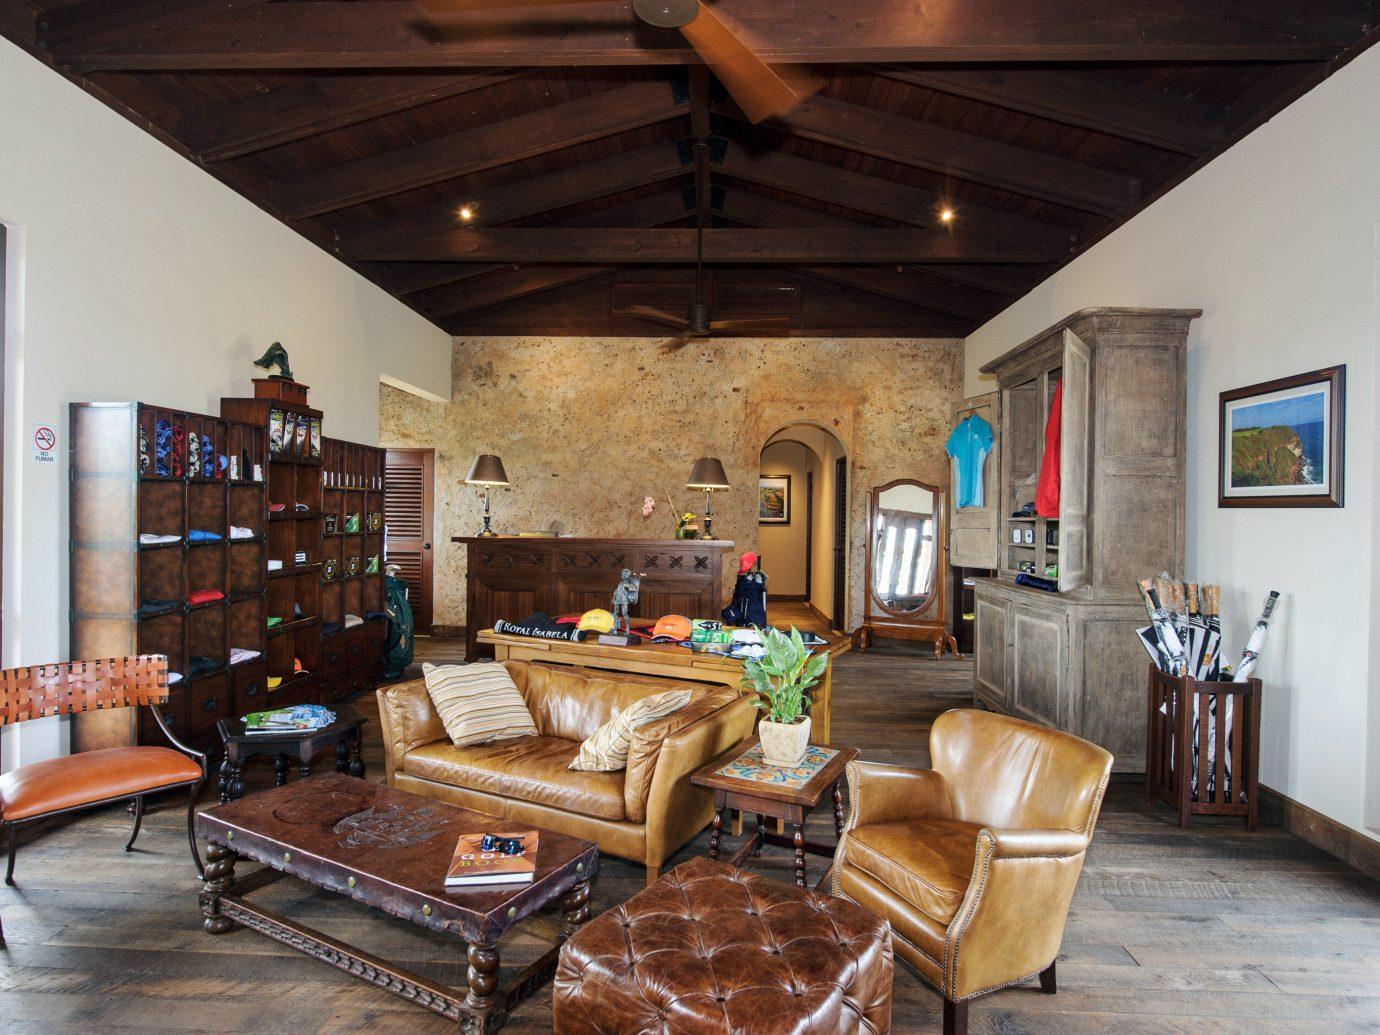 Hotels indoor floor ceiling room Living property living room estate recreation room home furniture real estate hardwood interior design cottage Design farmhouse